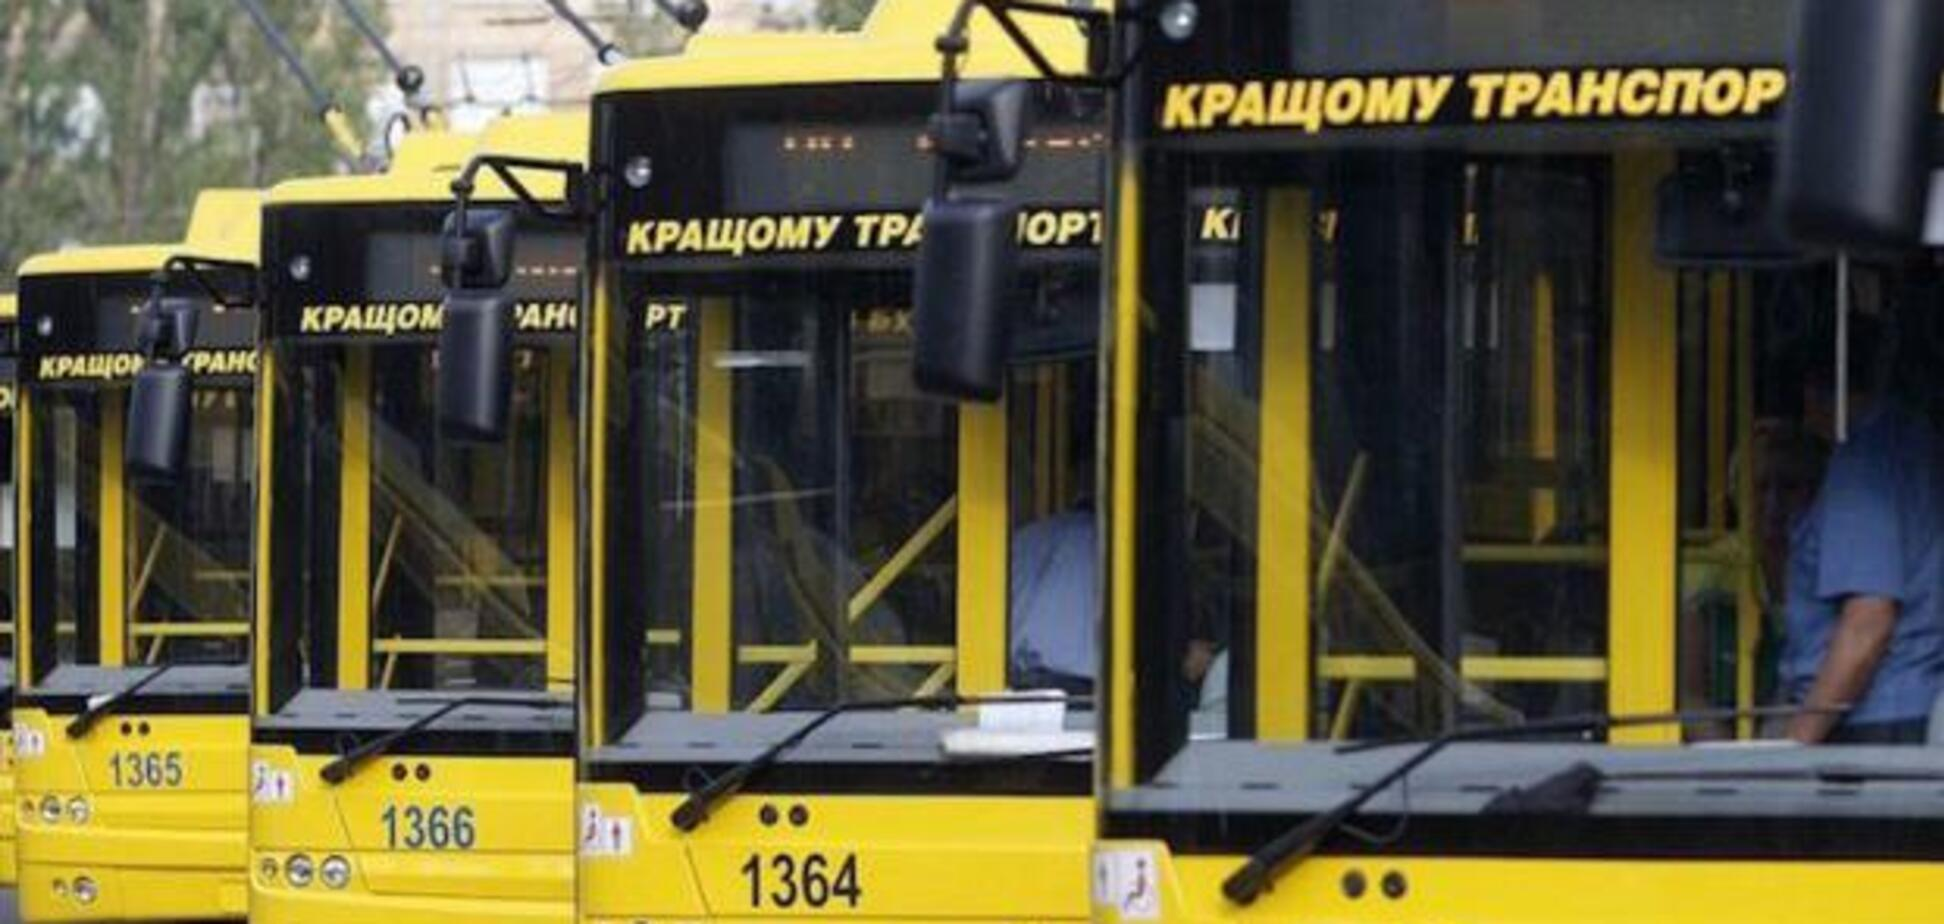 Во Львове появятся 50 новых троллейбусов